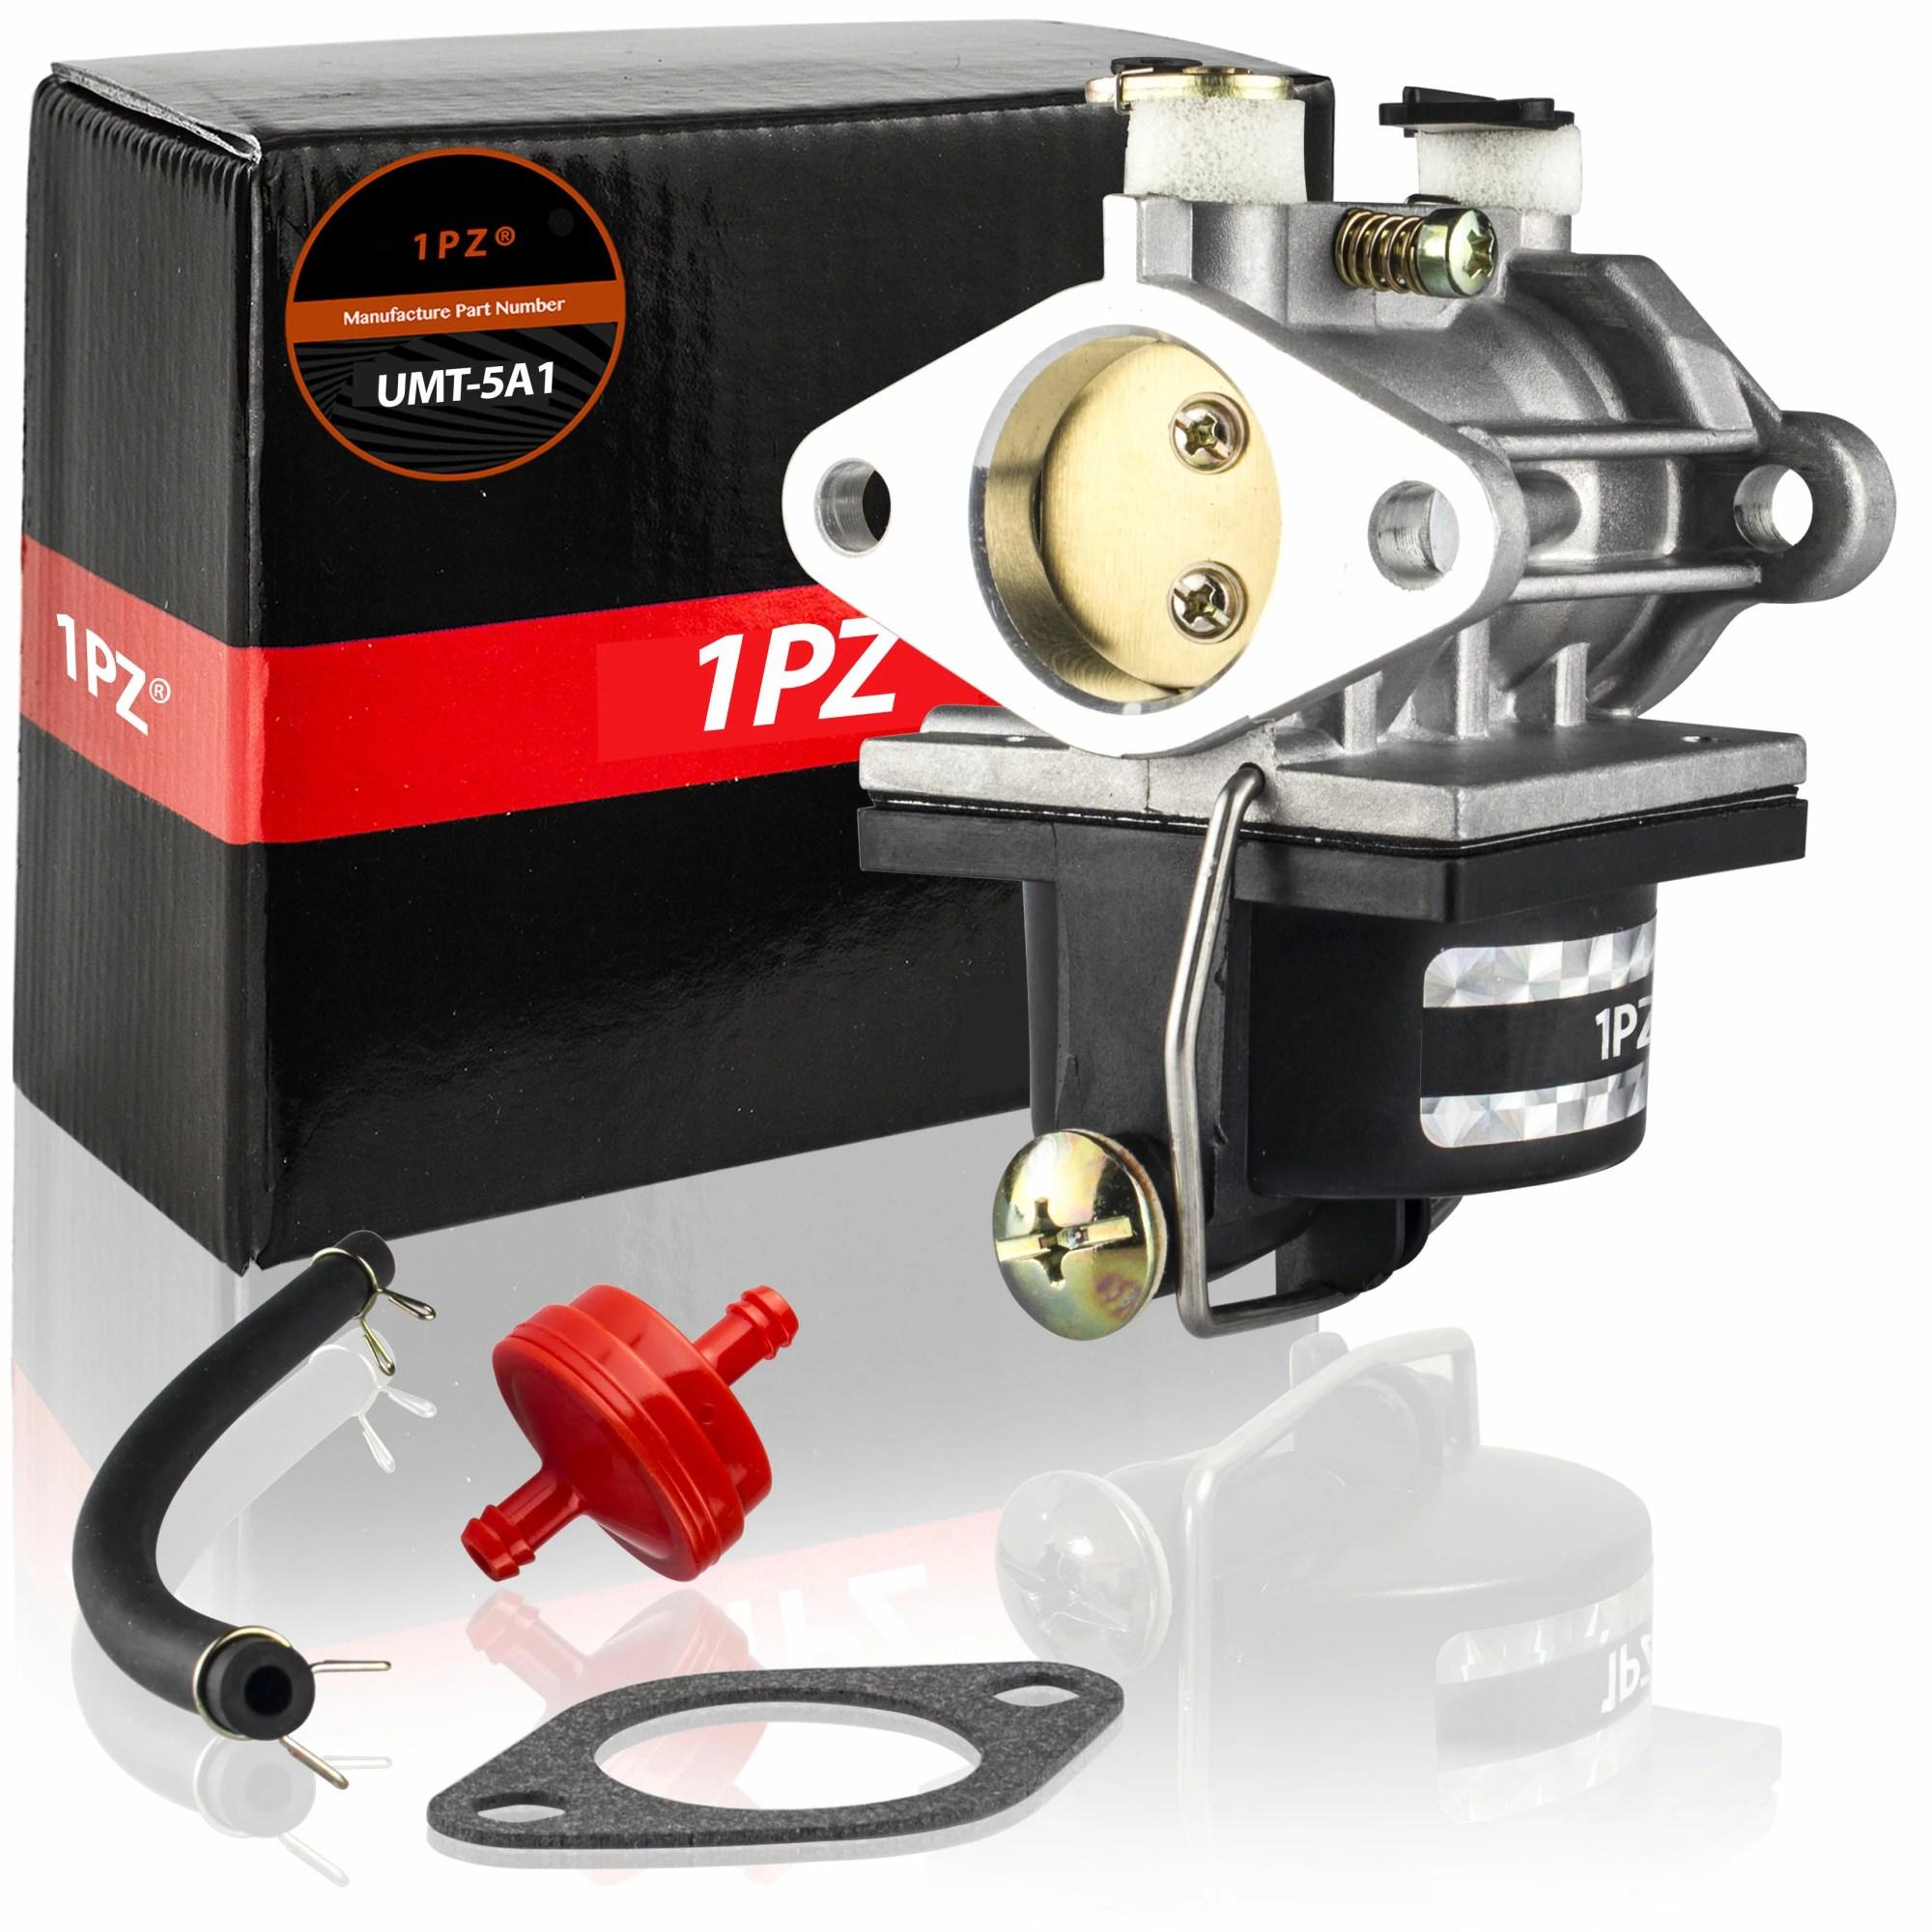 hight resolution of 1pz umt 5a1 carburetor with fuel filter gasket fuel line for ecumseh 640065 ohv110 ohv115